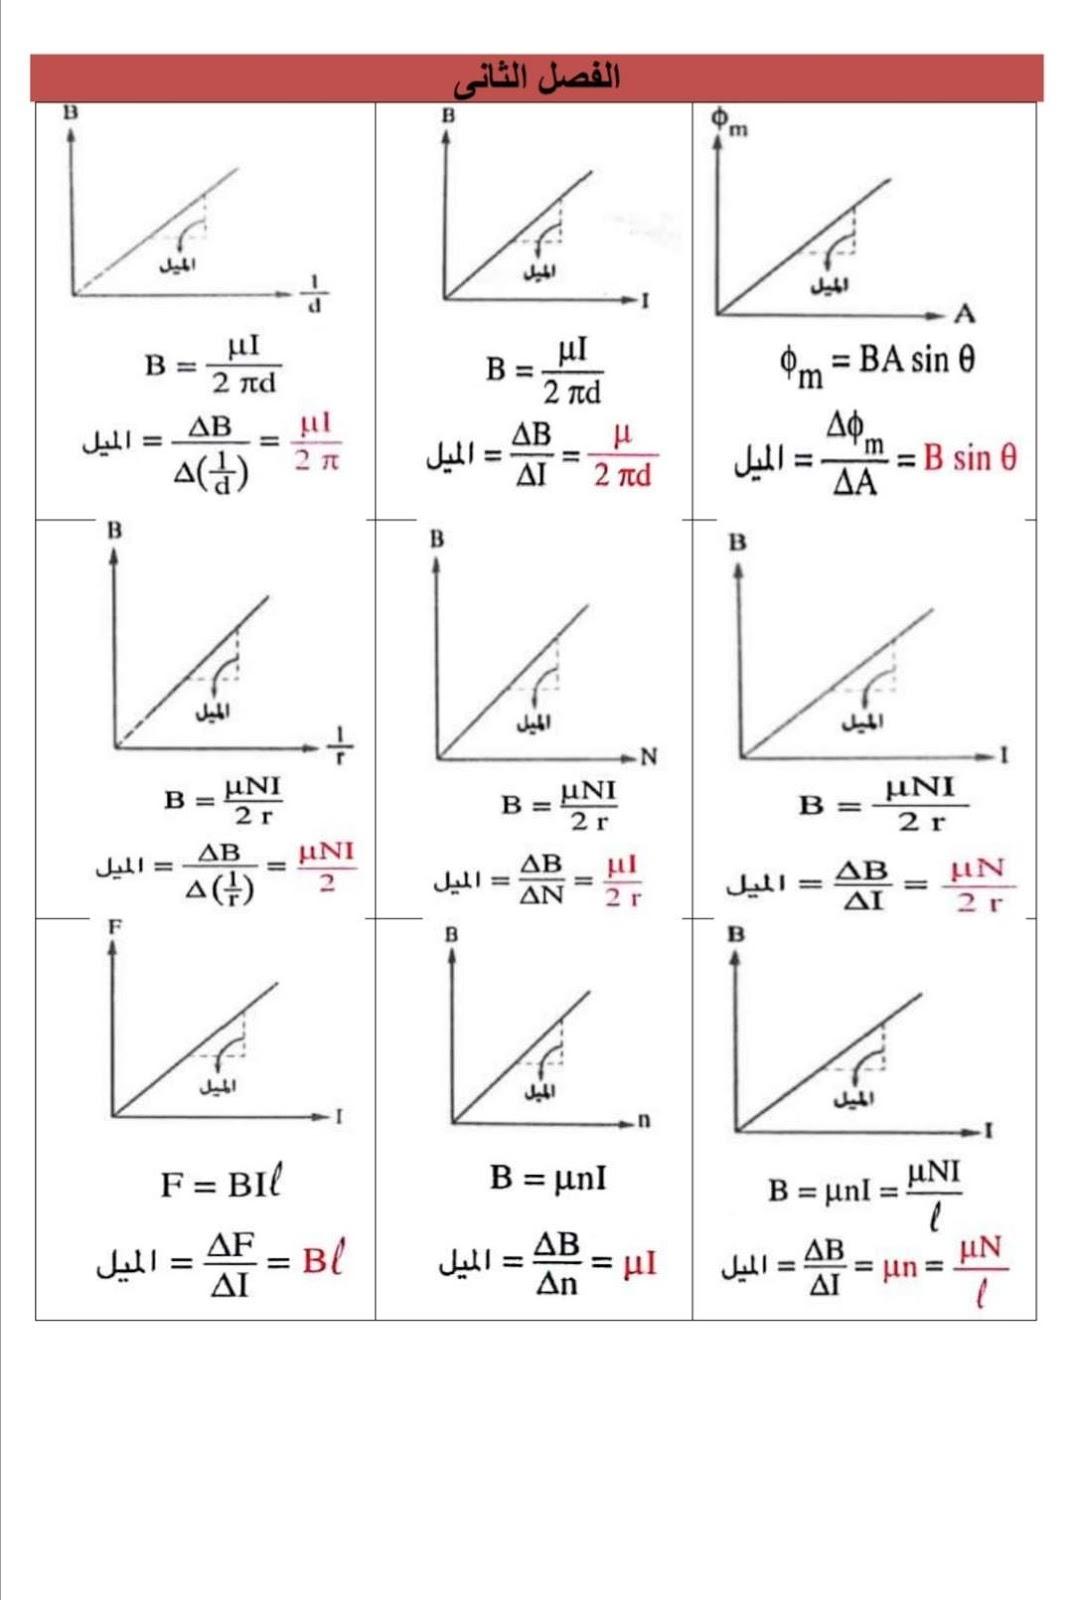 الرسوم البيانية لمنهج الفيزياء للثانوية العامة - صفحة 2 2